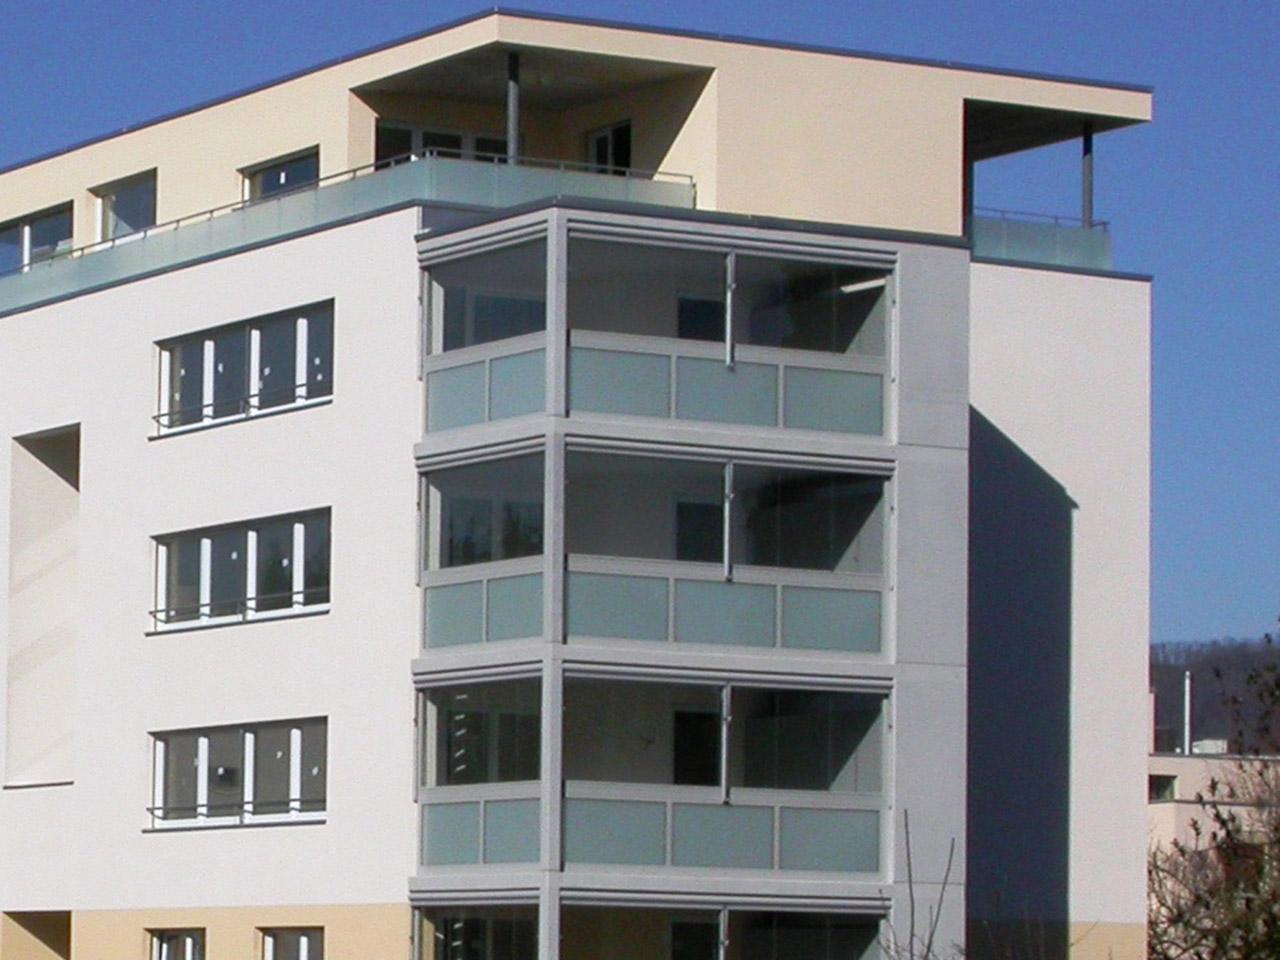 laubhus-architektur-wohnueberbauung-puntocentro